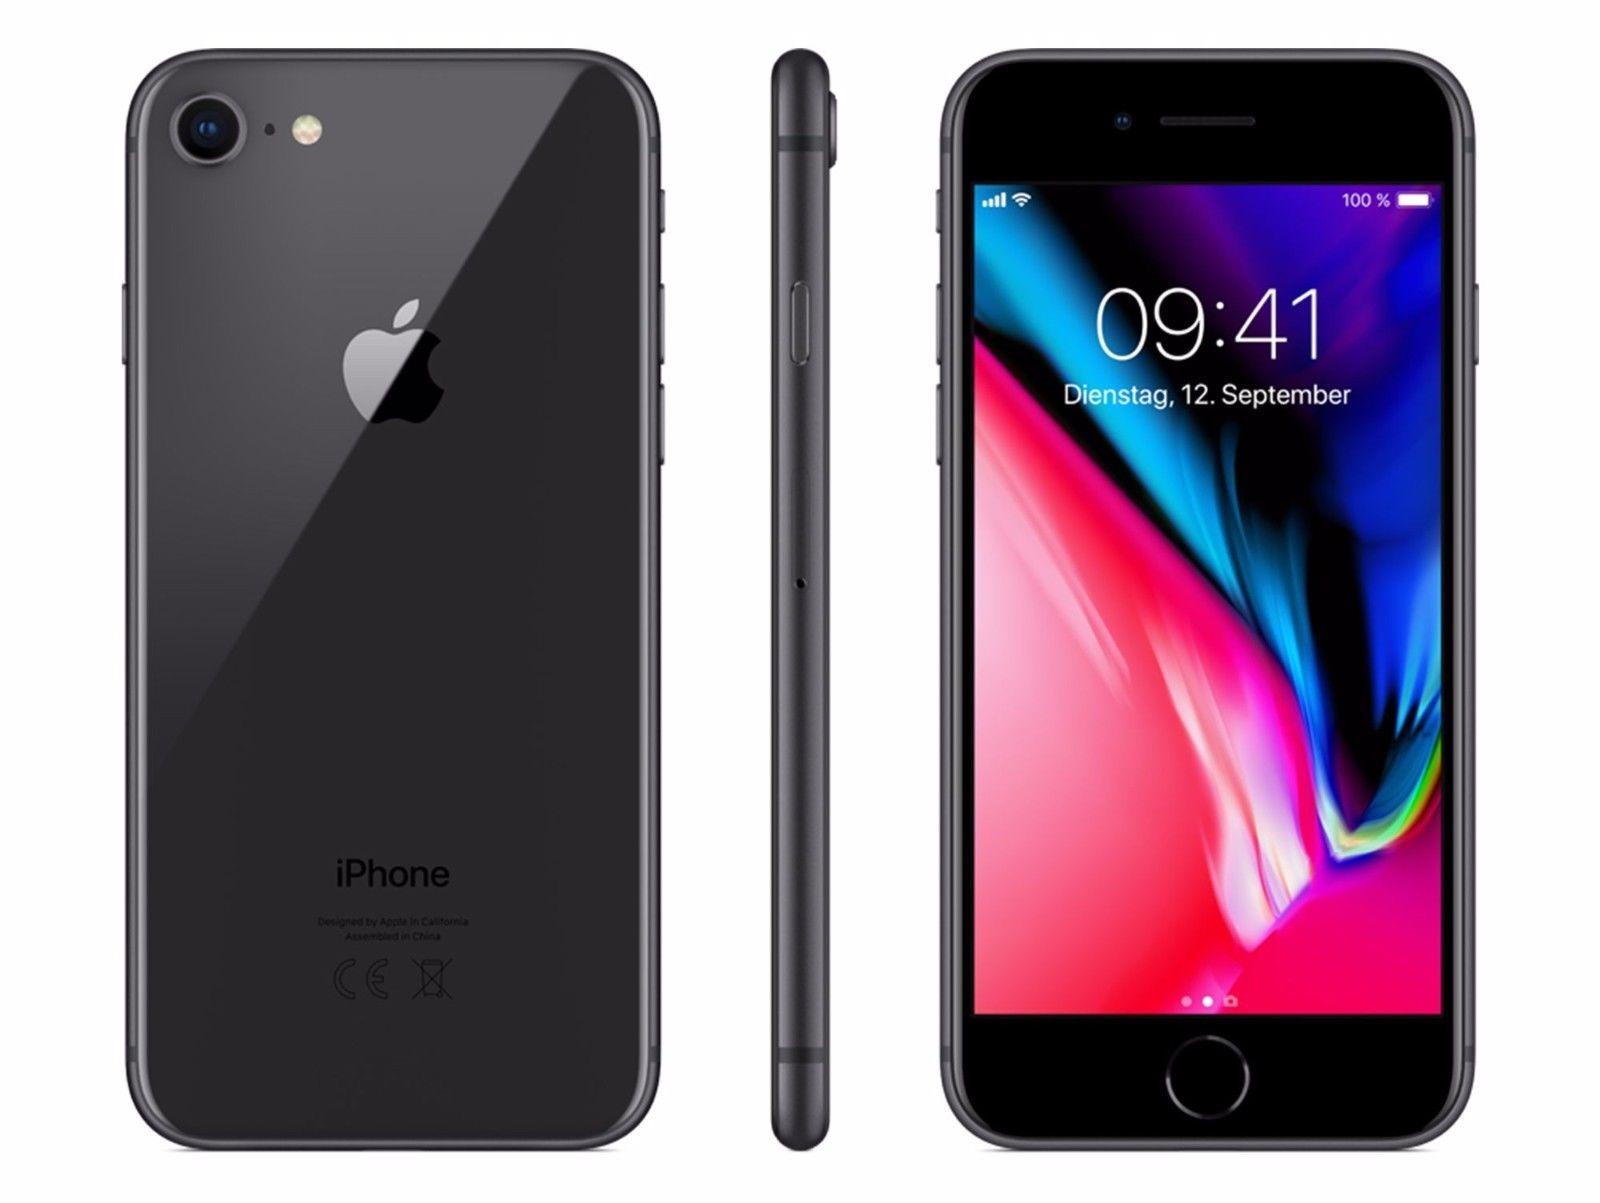 Apple iPhone 8 - 64GB - Spacegrau / Schwarz - (Ohne SIM-Lock) - NEU - Händler